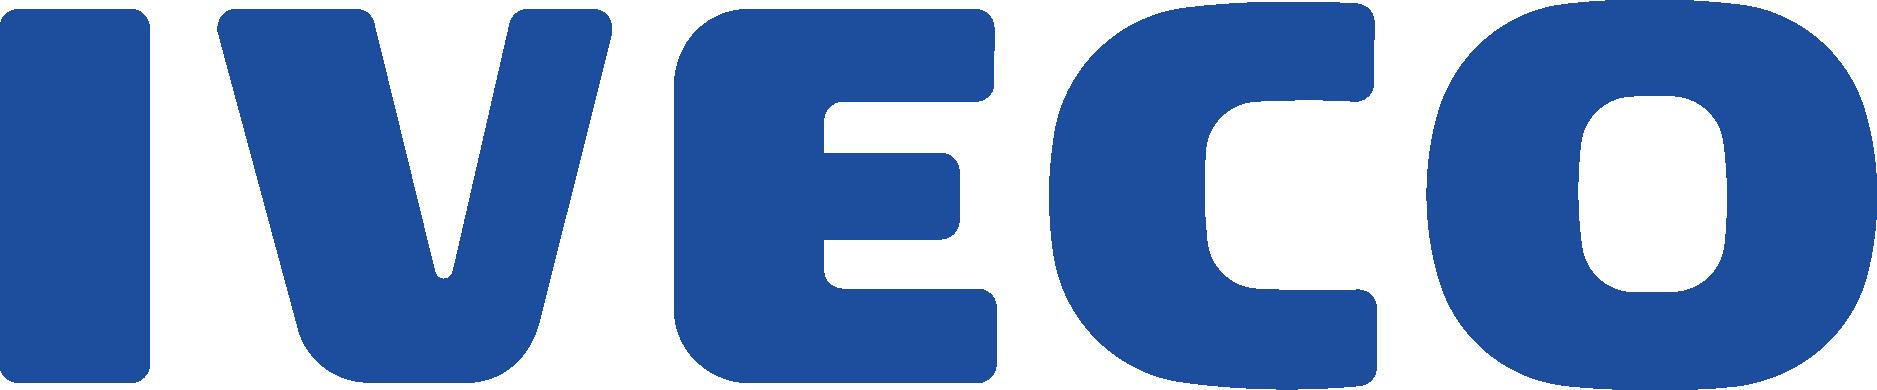 Iveco Logo Download Vector.